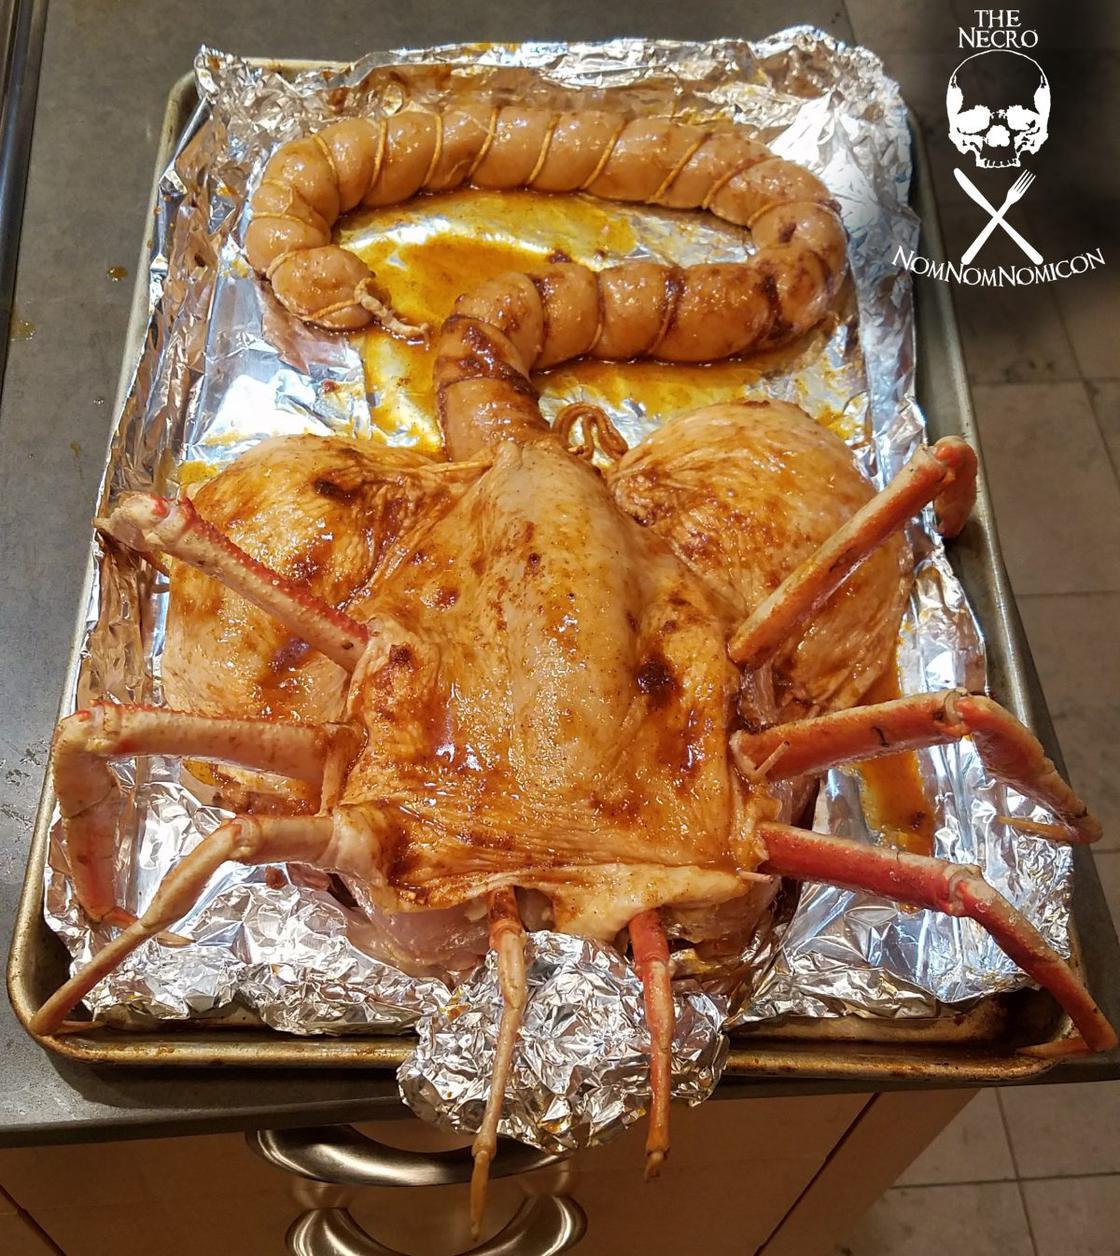 Bad Taste – She pays tribute to Alien for her Thanksgiving dinner